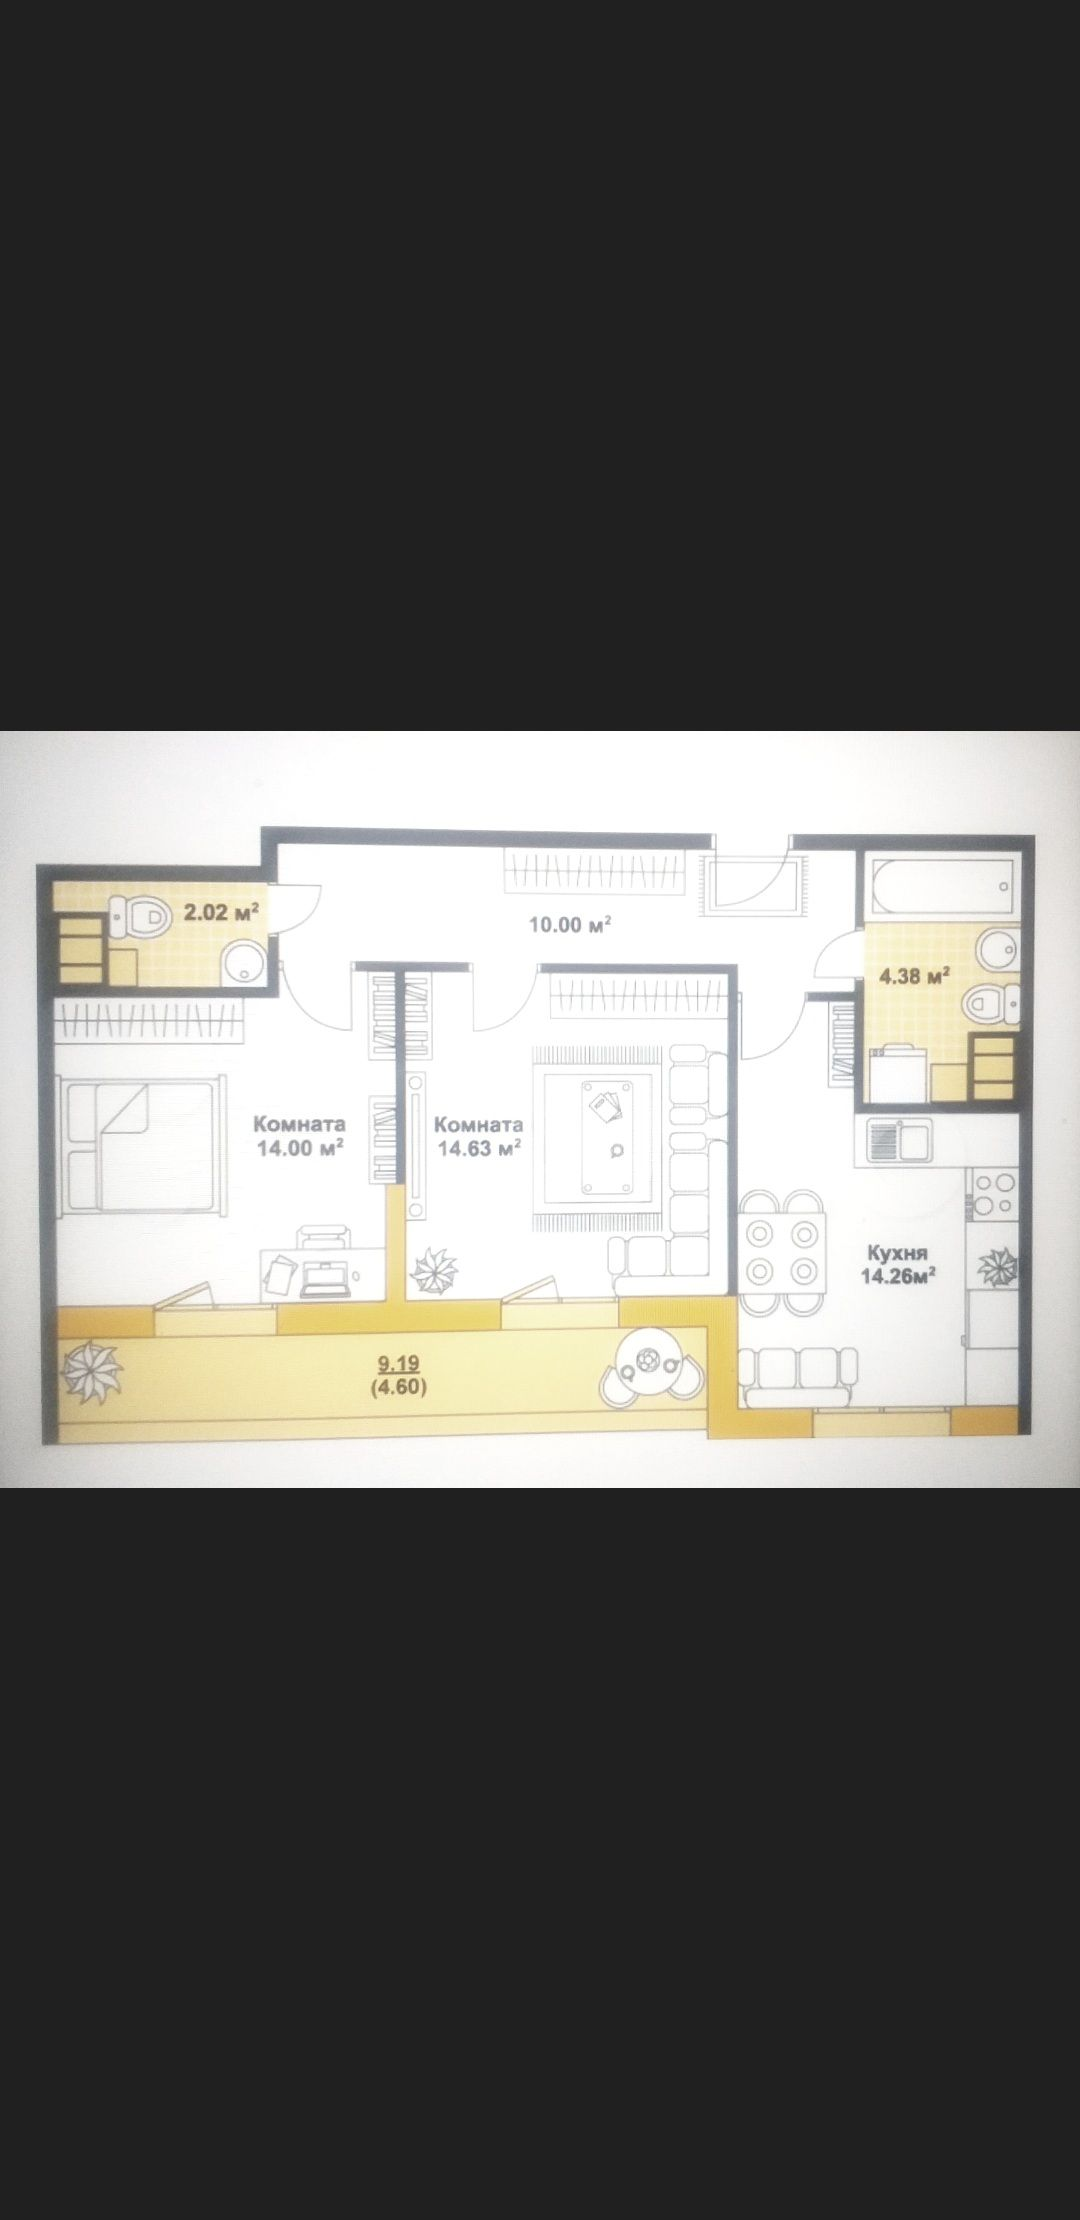 2-комнатная, 63.89 м²– 2